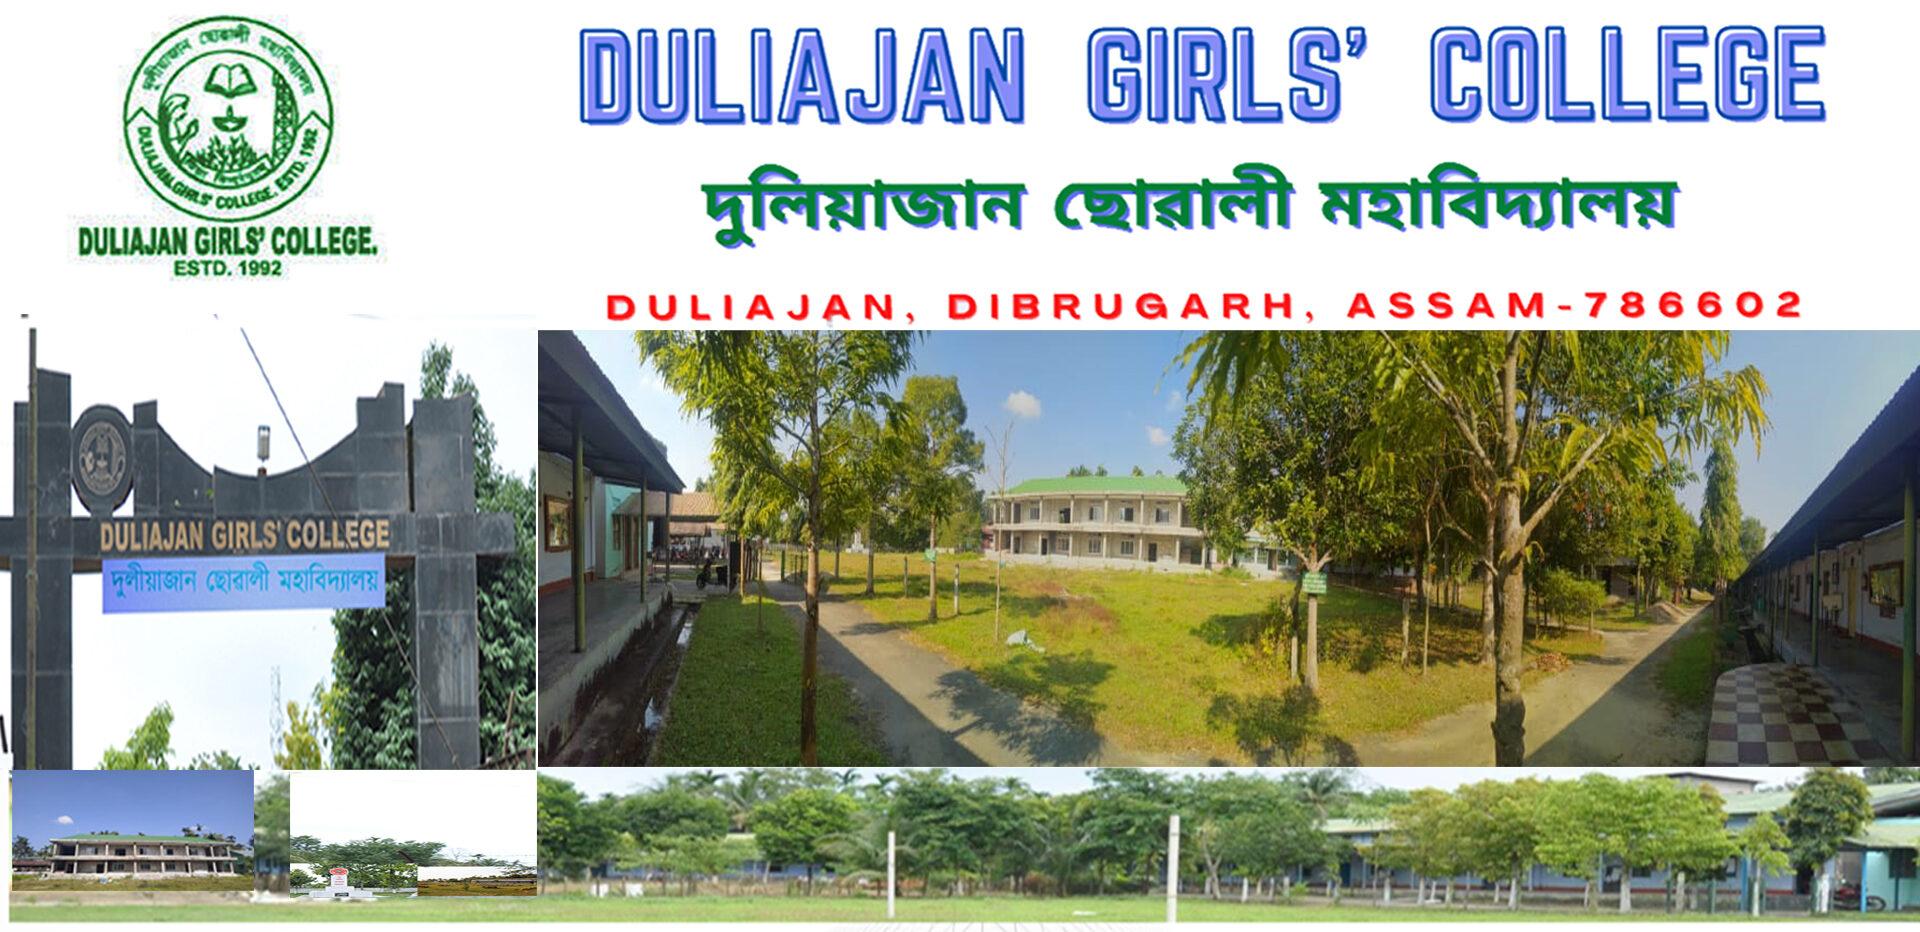 DULIAJAN GIRLS' COLLEGE